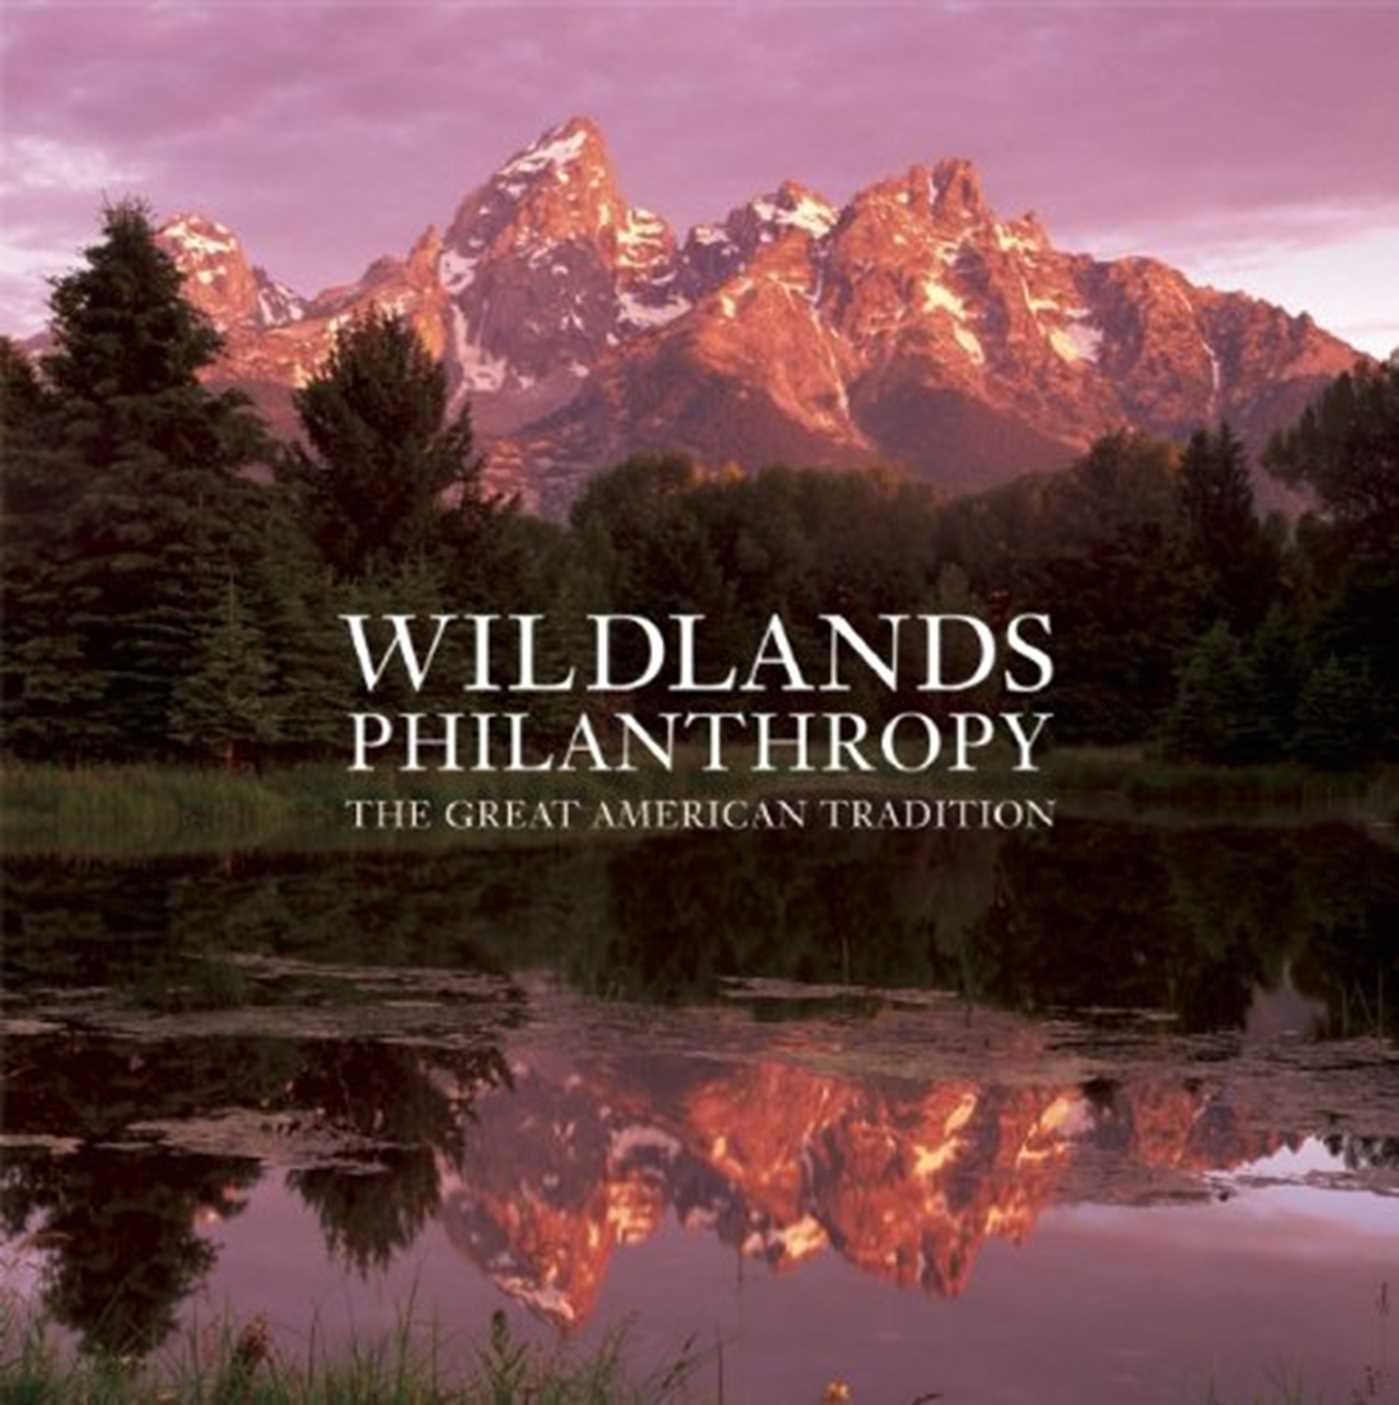 Wildlands philanthropy 9781601090591 hr